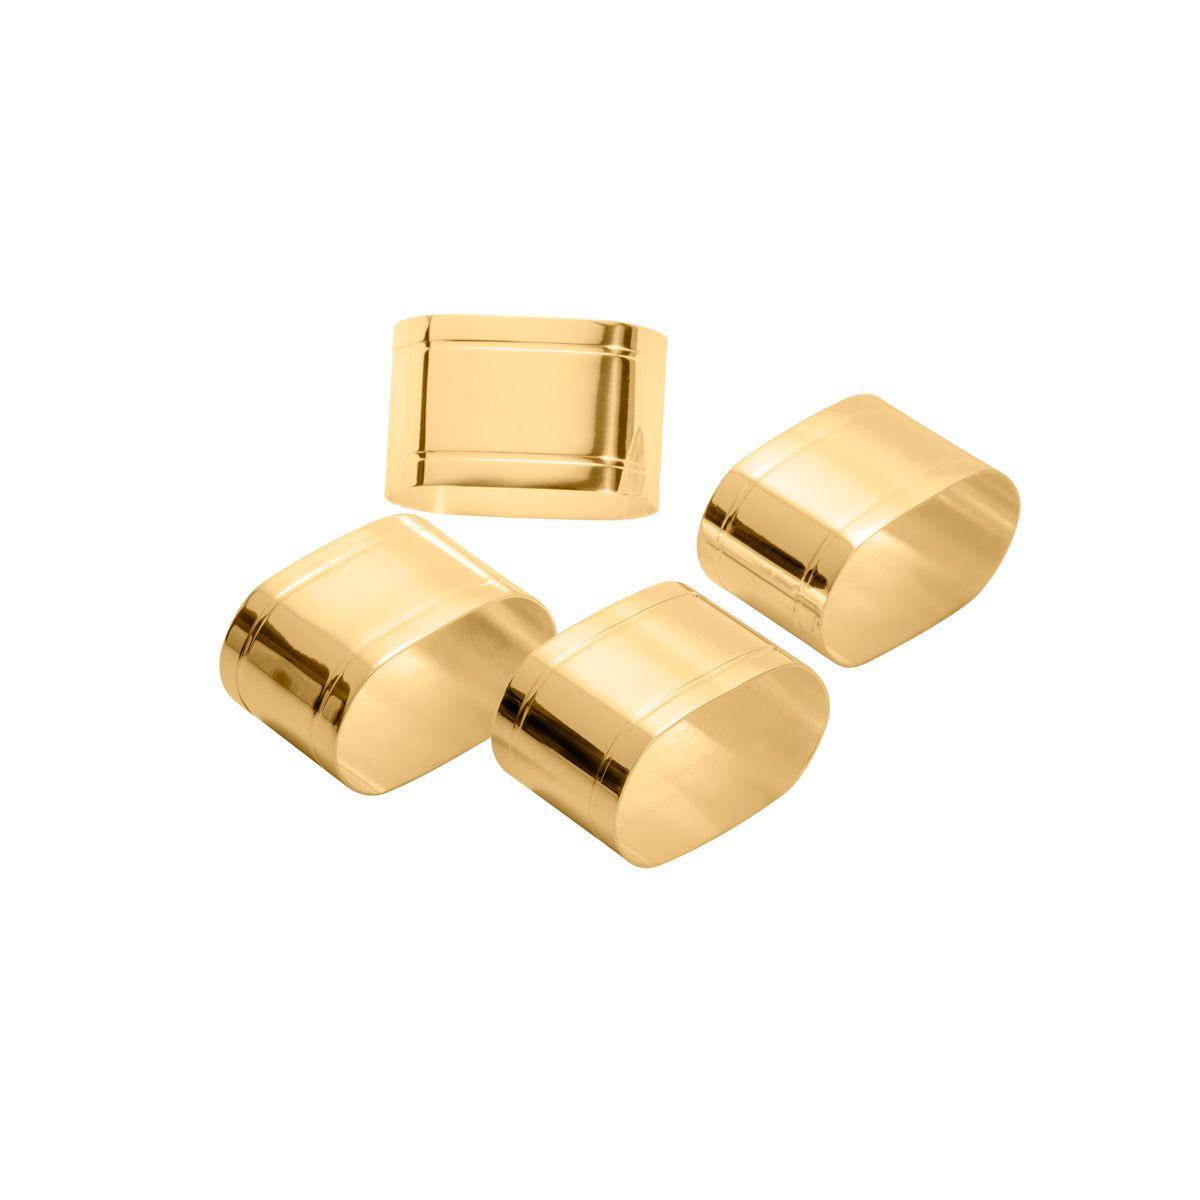 Jogo 4 anéis para guardanapo de aço dourado Elegance Wolff - 87887